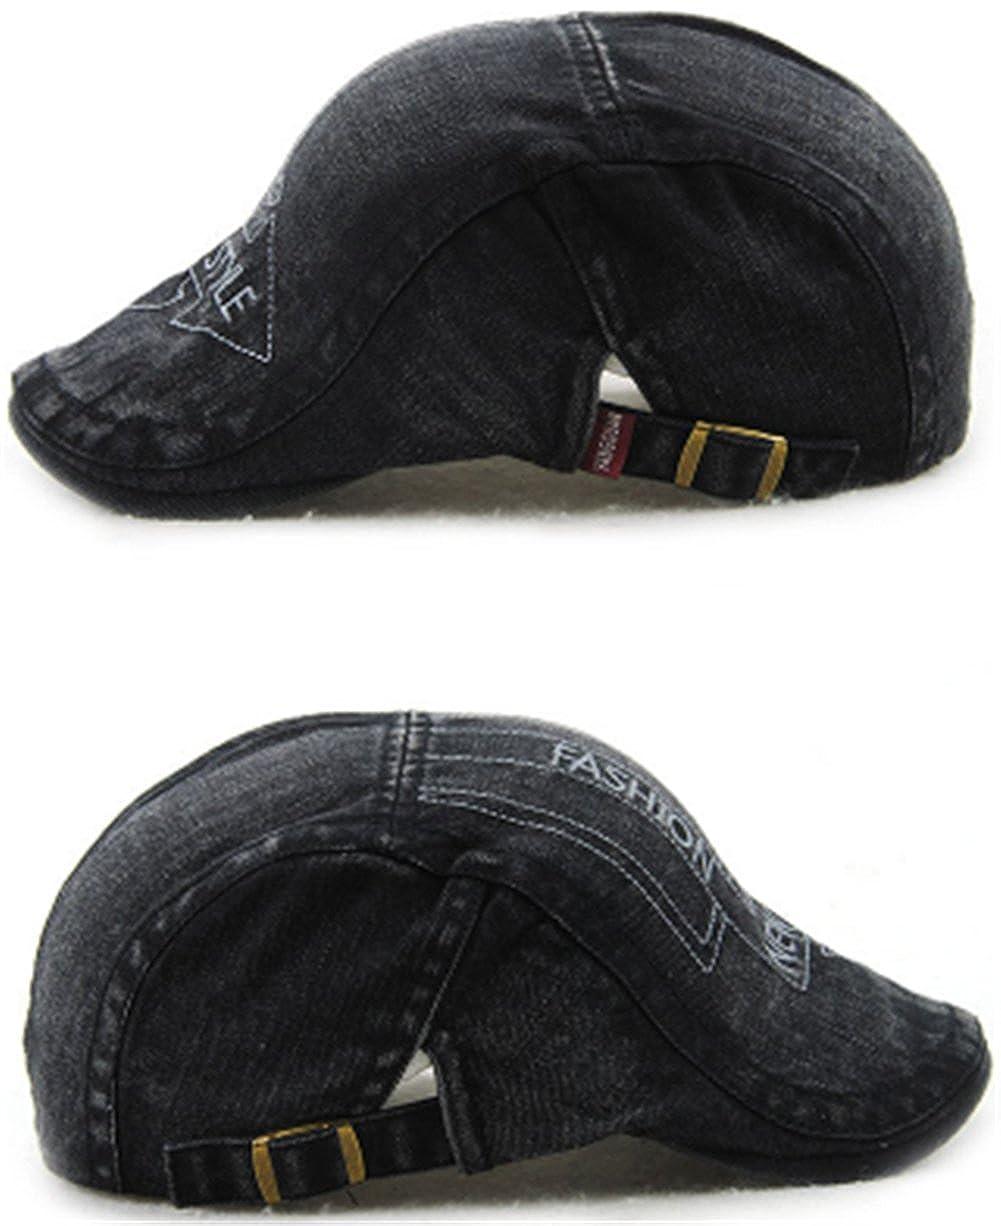 Roffatide Unisex Cartas Bordadas Gorra Duckbill Denim Newsboy Casquillo de la Hiedra Irlandesa Boina Adjustable Black: Amazon.es: Ropa y accesorios